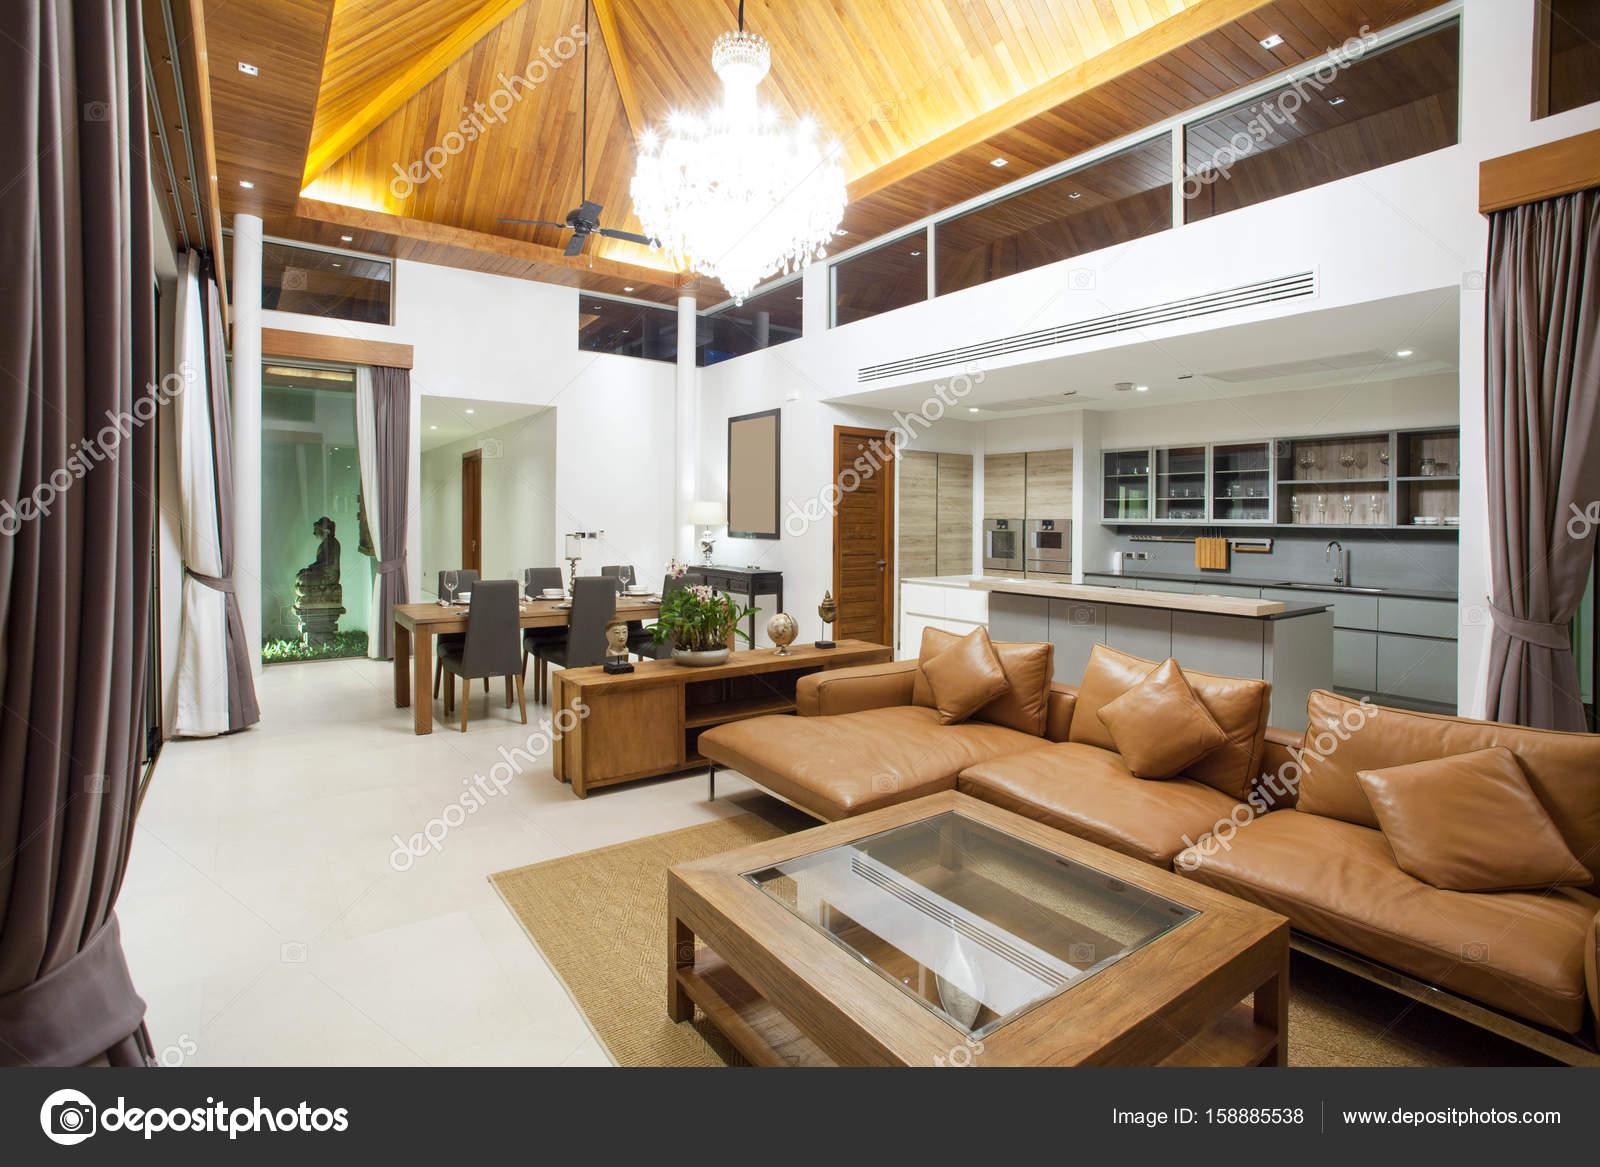 Luxus Inneneinrichtung Im Wohnzimmer Von Pool Villen. Luftigen Und Hellen  Raum Mit Erhöhten Deckenhöhe